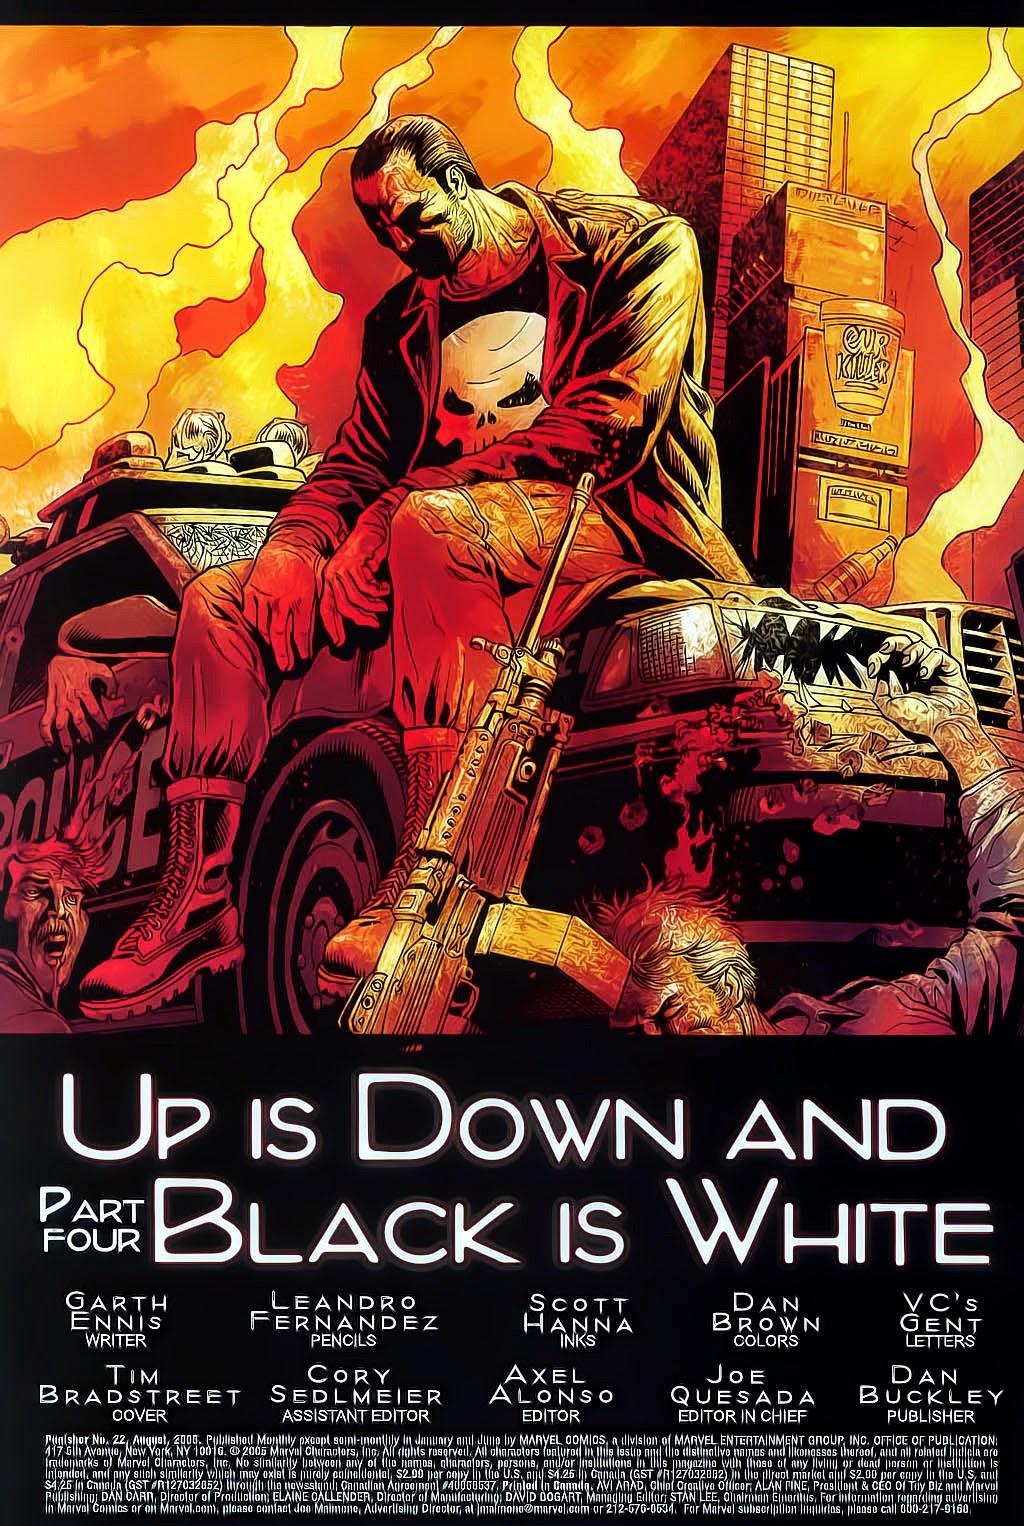 The Punisher: Trên là Dưới & Trắng là Đen chap 4 - Trang 5